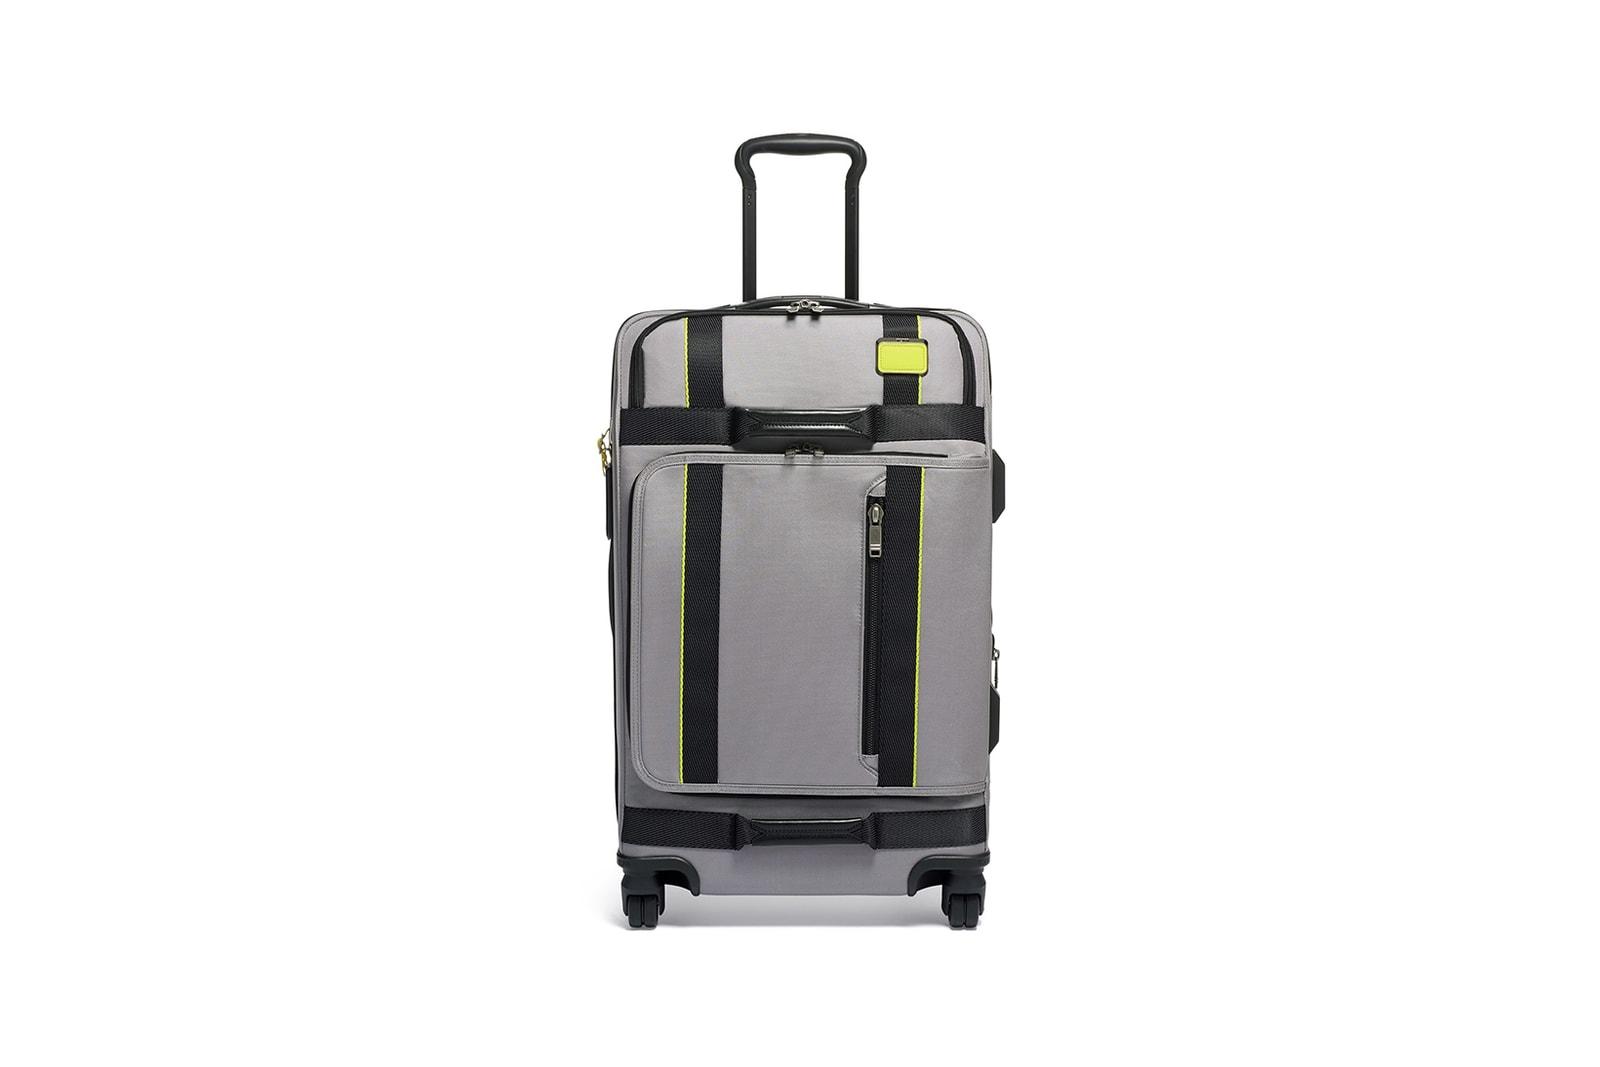 TUMI Merge Suitcase Luggage Collection Sustainable